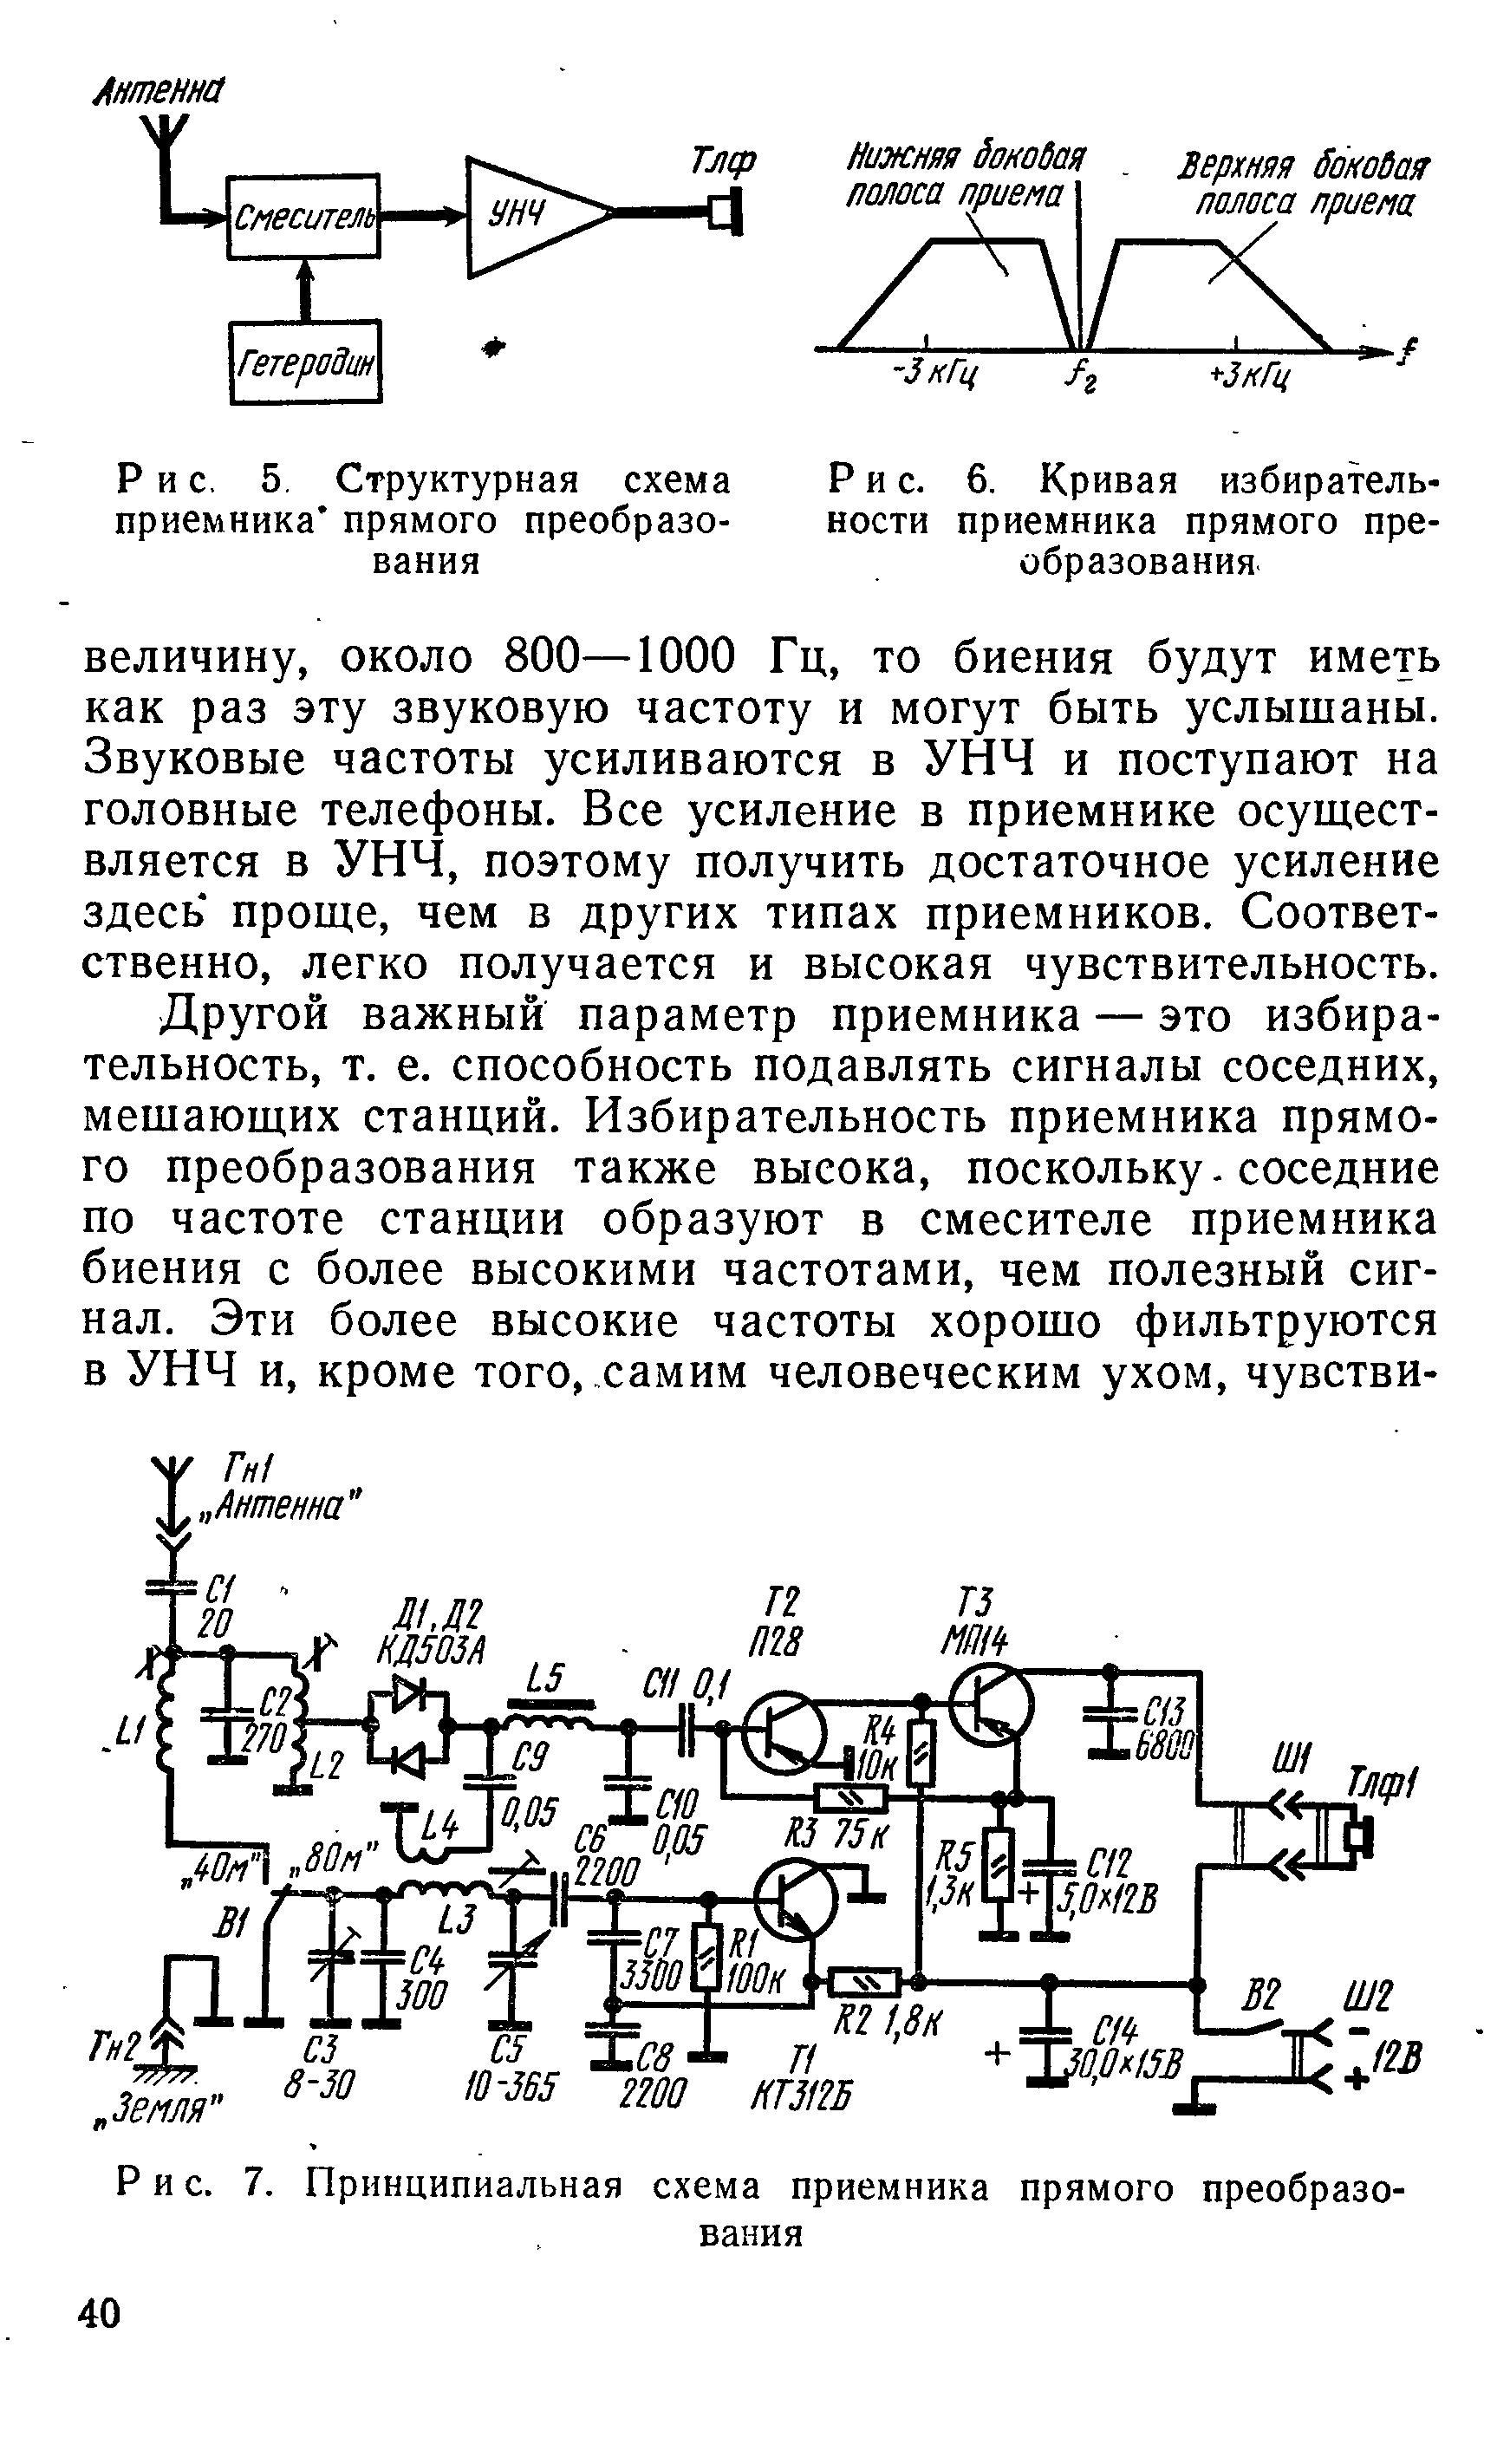 Привет basilio схема не моя,ето схема В.Полякова,только не на наушники.Двухтрансформаторний унч как в схема приемника...